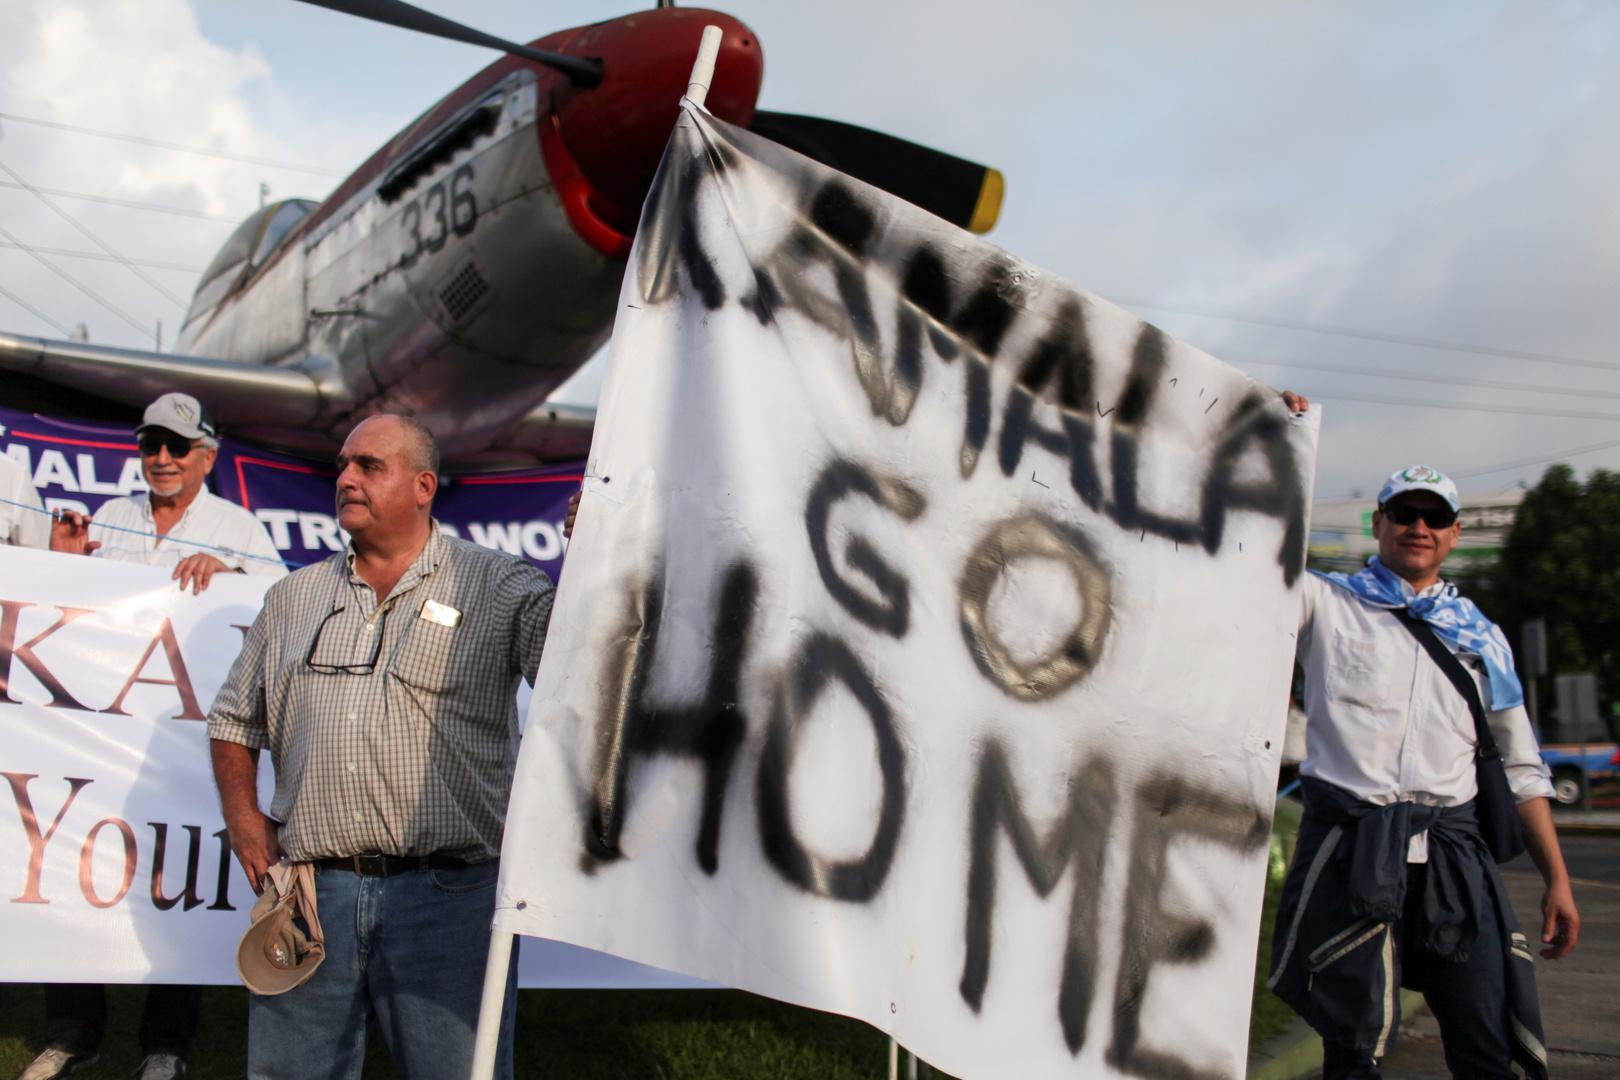 هاريس تناشد المهاجرين عدم القدوم إلى الولايات المتحدة